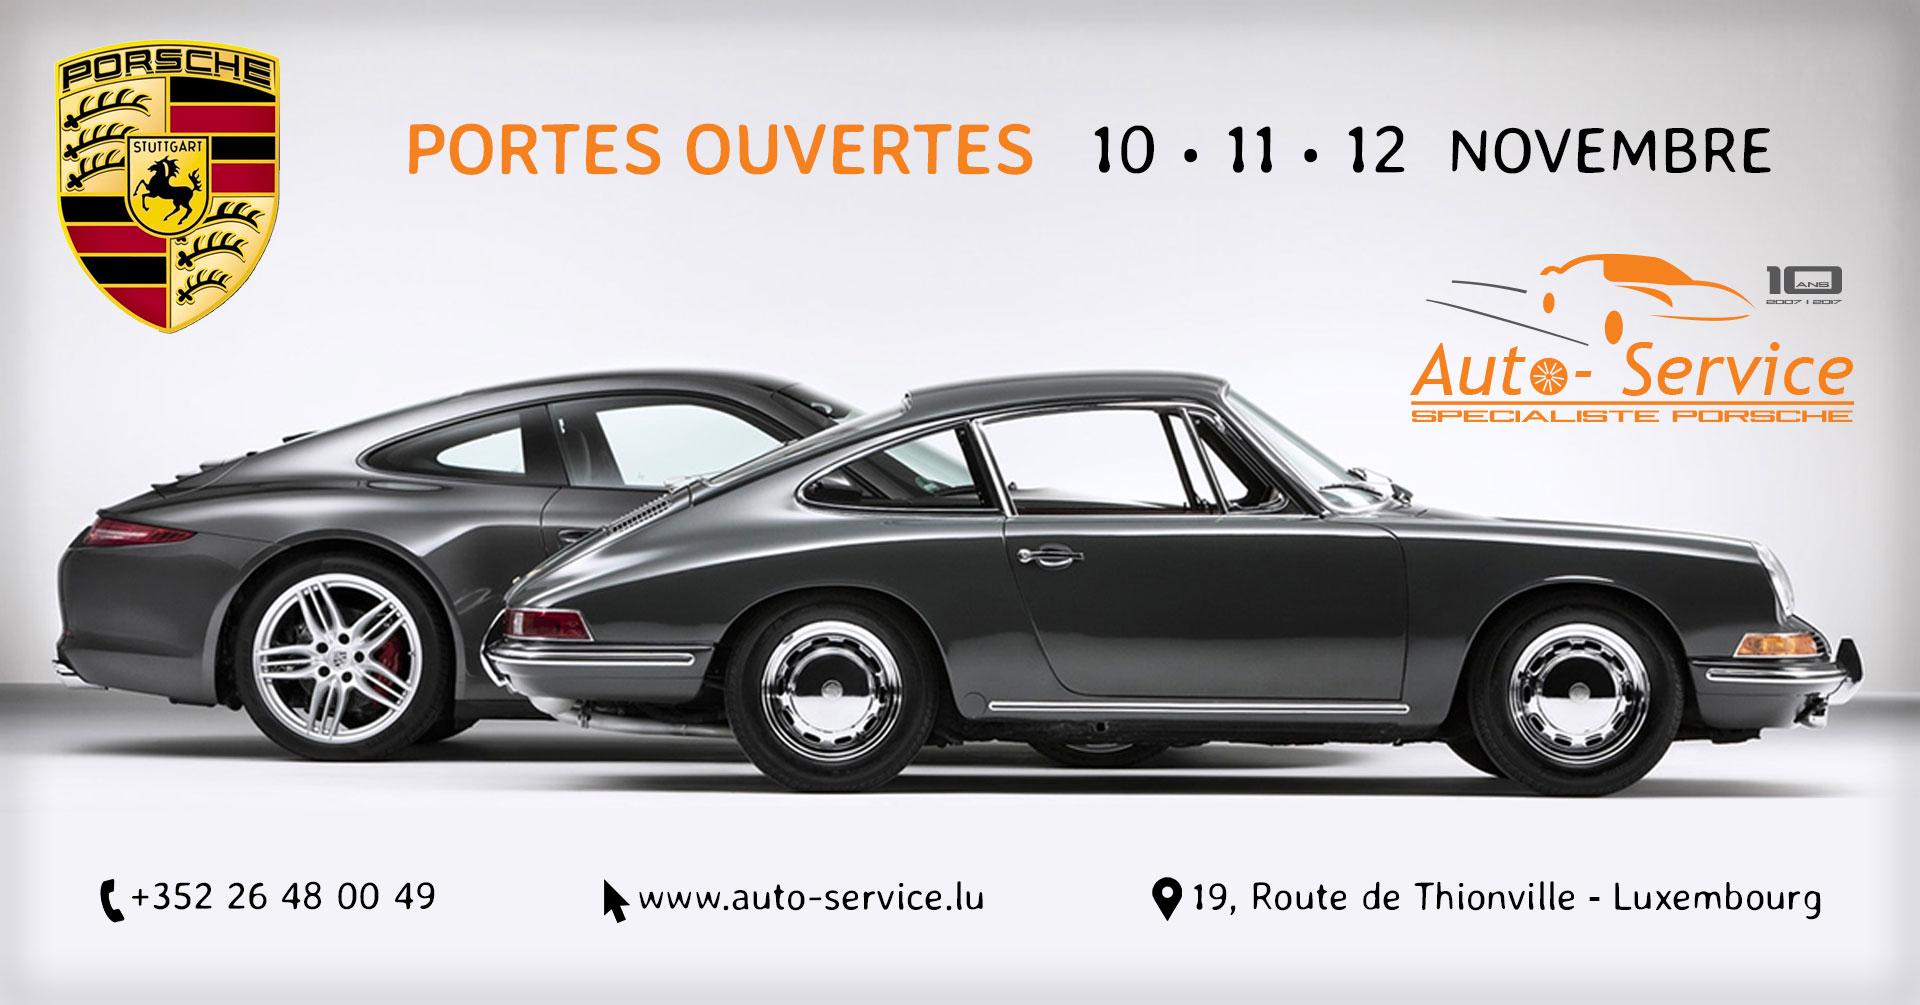 Porsche-Facebook-Banner-Sidney-Malgras-UX-UI-Designer